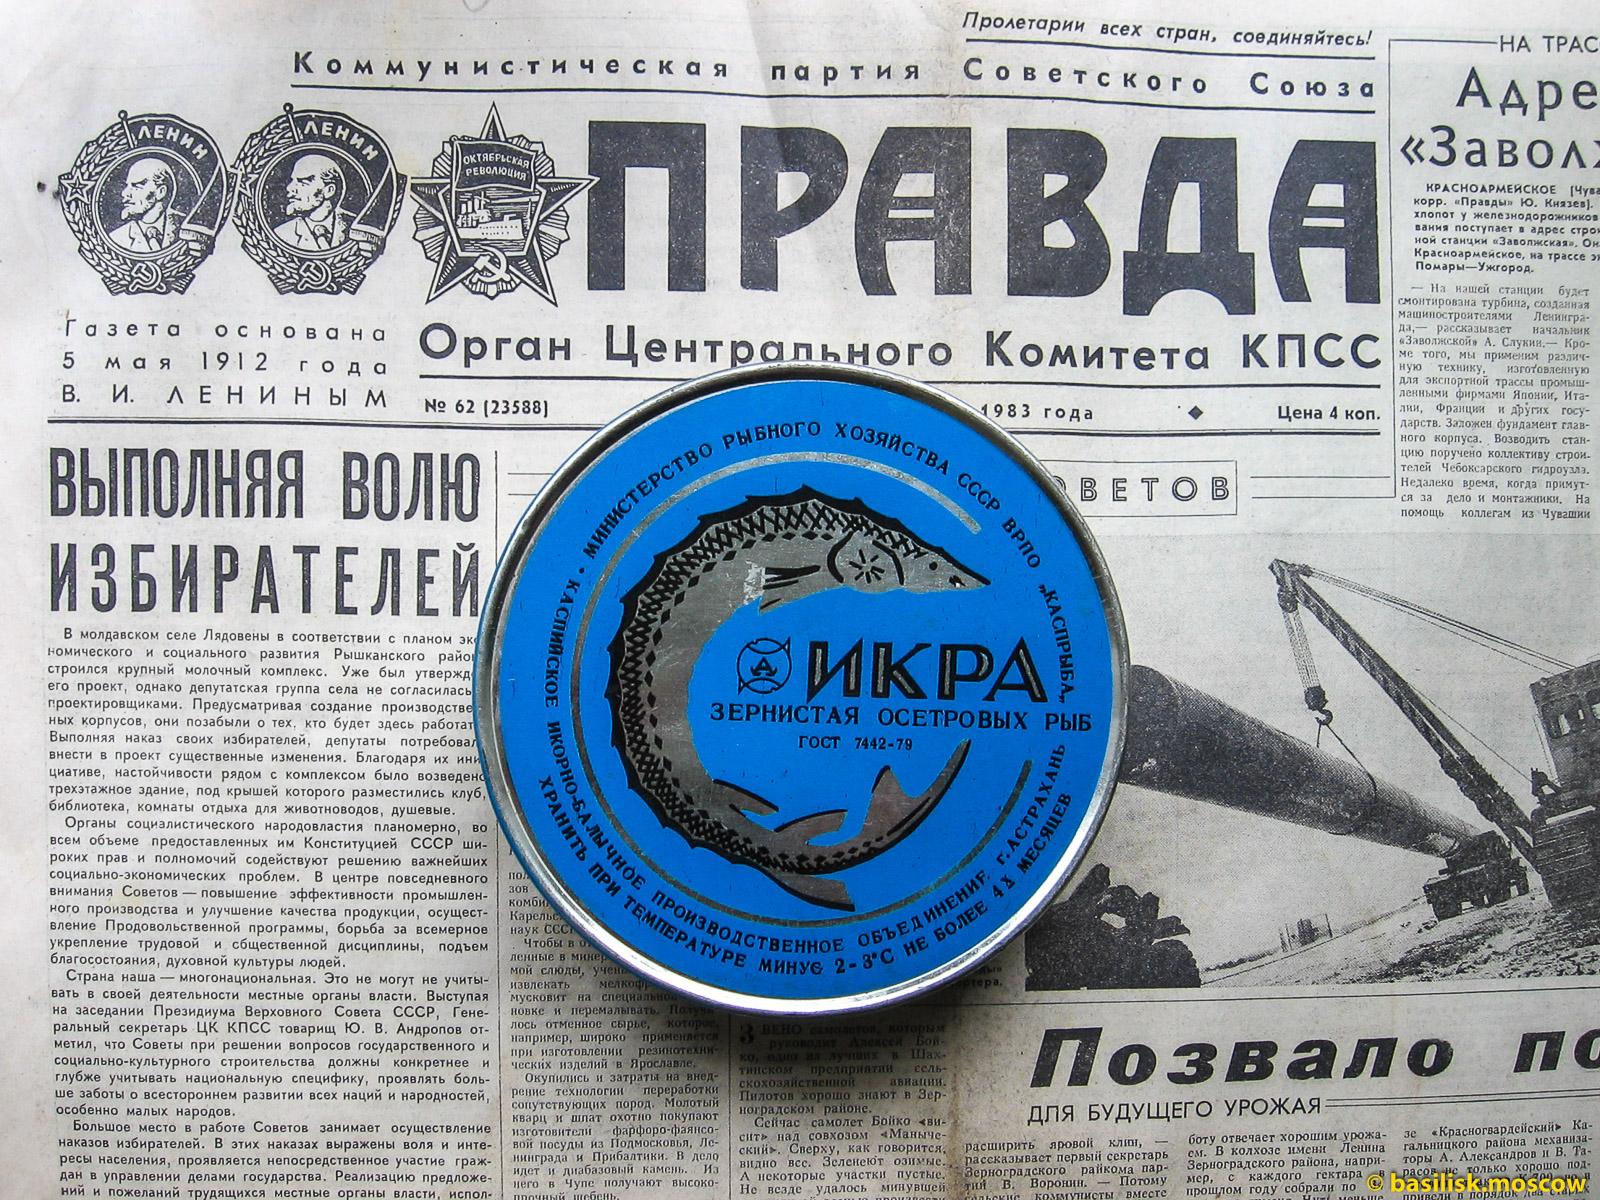 Новогодний вкус детства. Газета Правда. Чёрная икра.